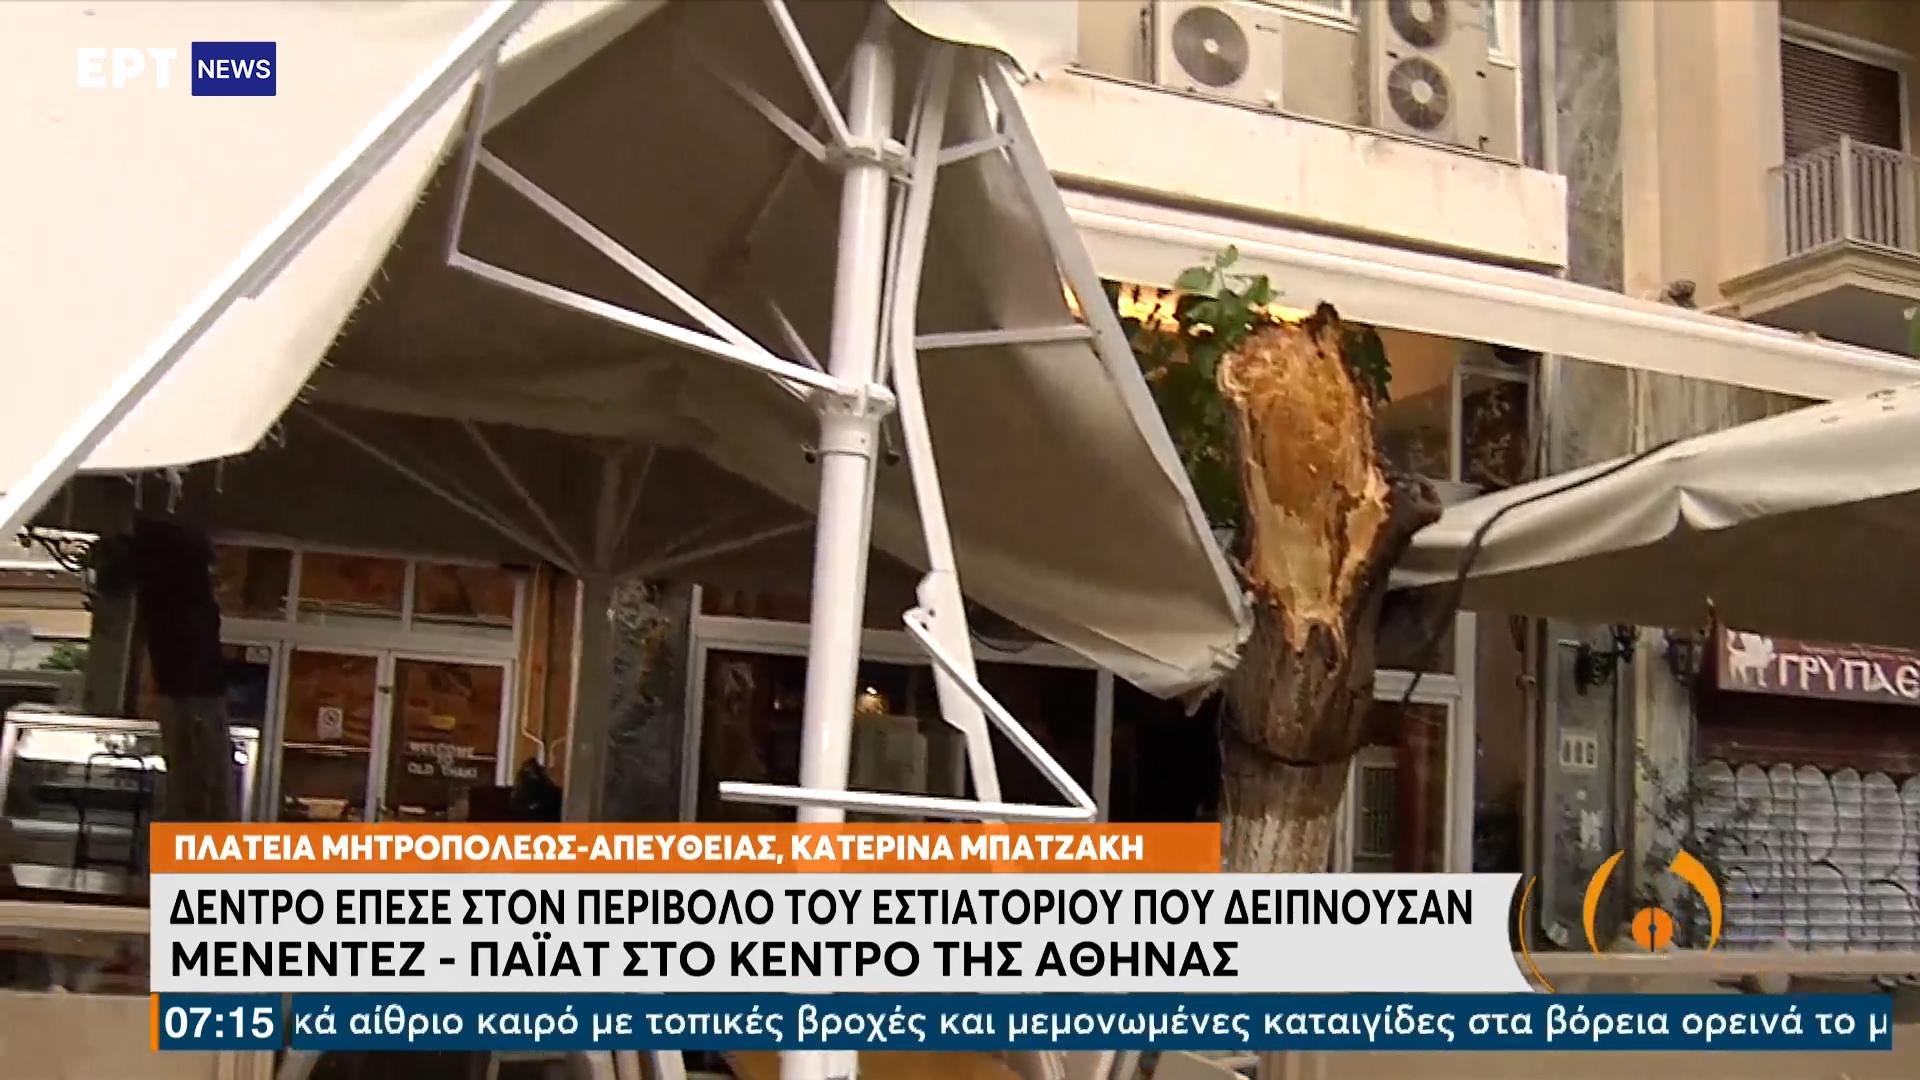 Έπεσε δέντρο σε εστιατόριο στο κέντρο την ώρα που έτρωγαν Τζέφρι Πάιατ και Ρόμπερτ Μενέντεζ